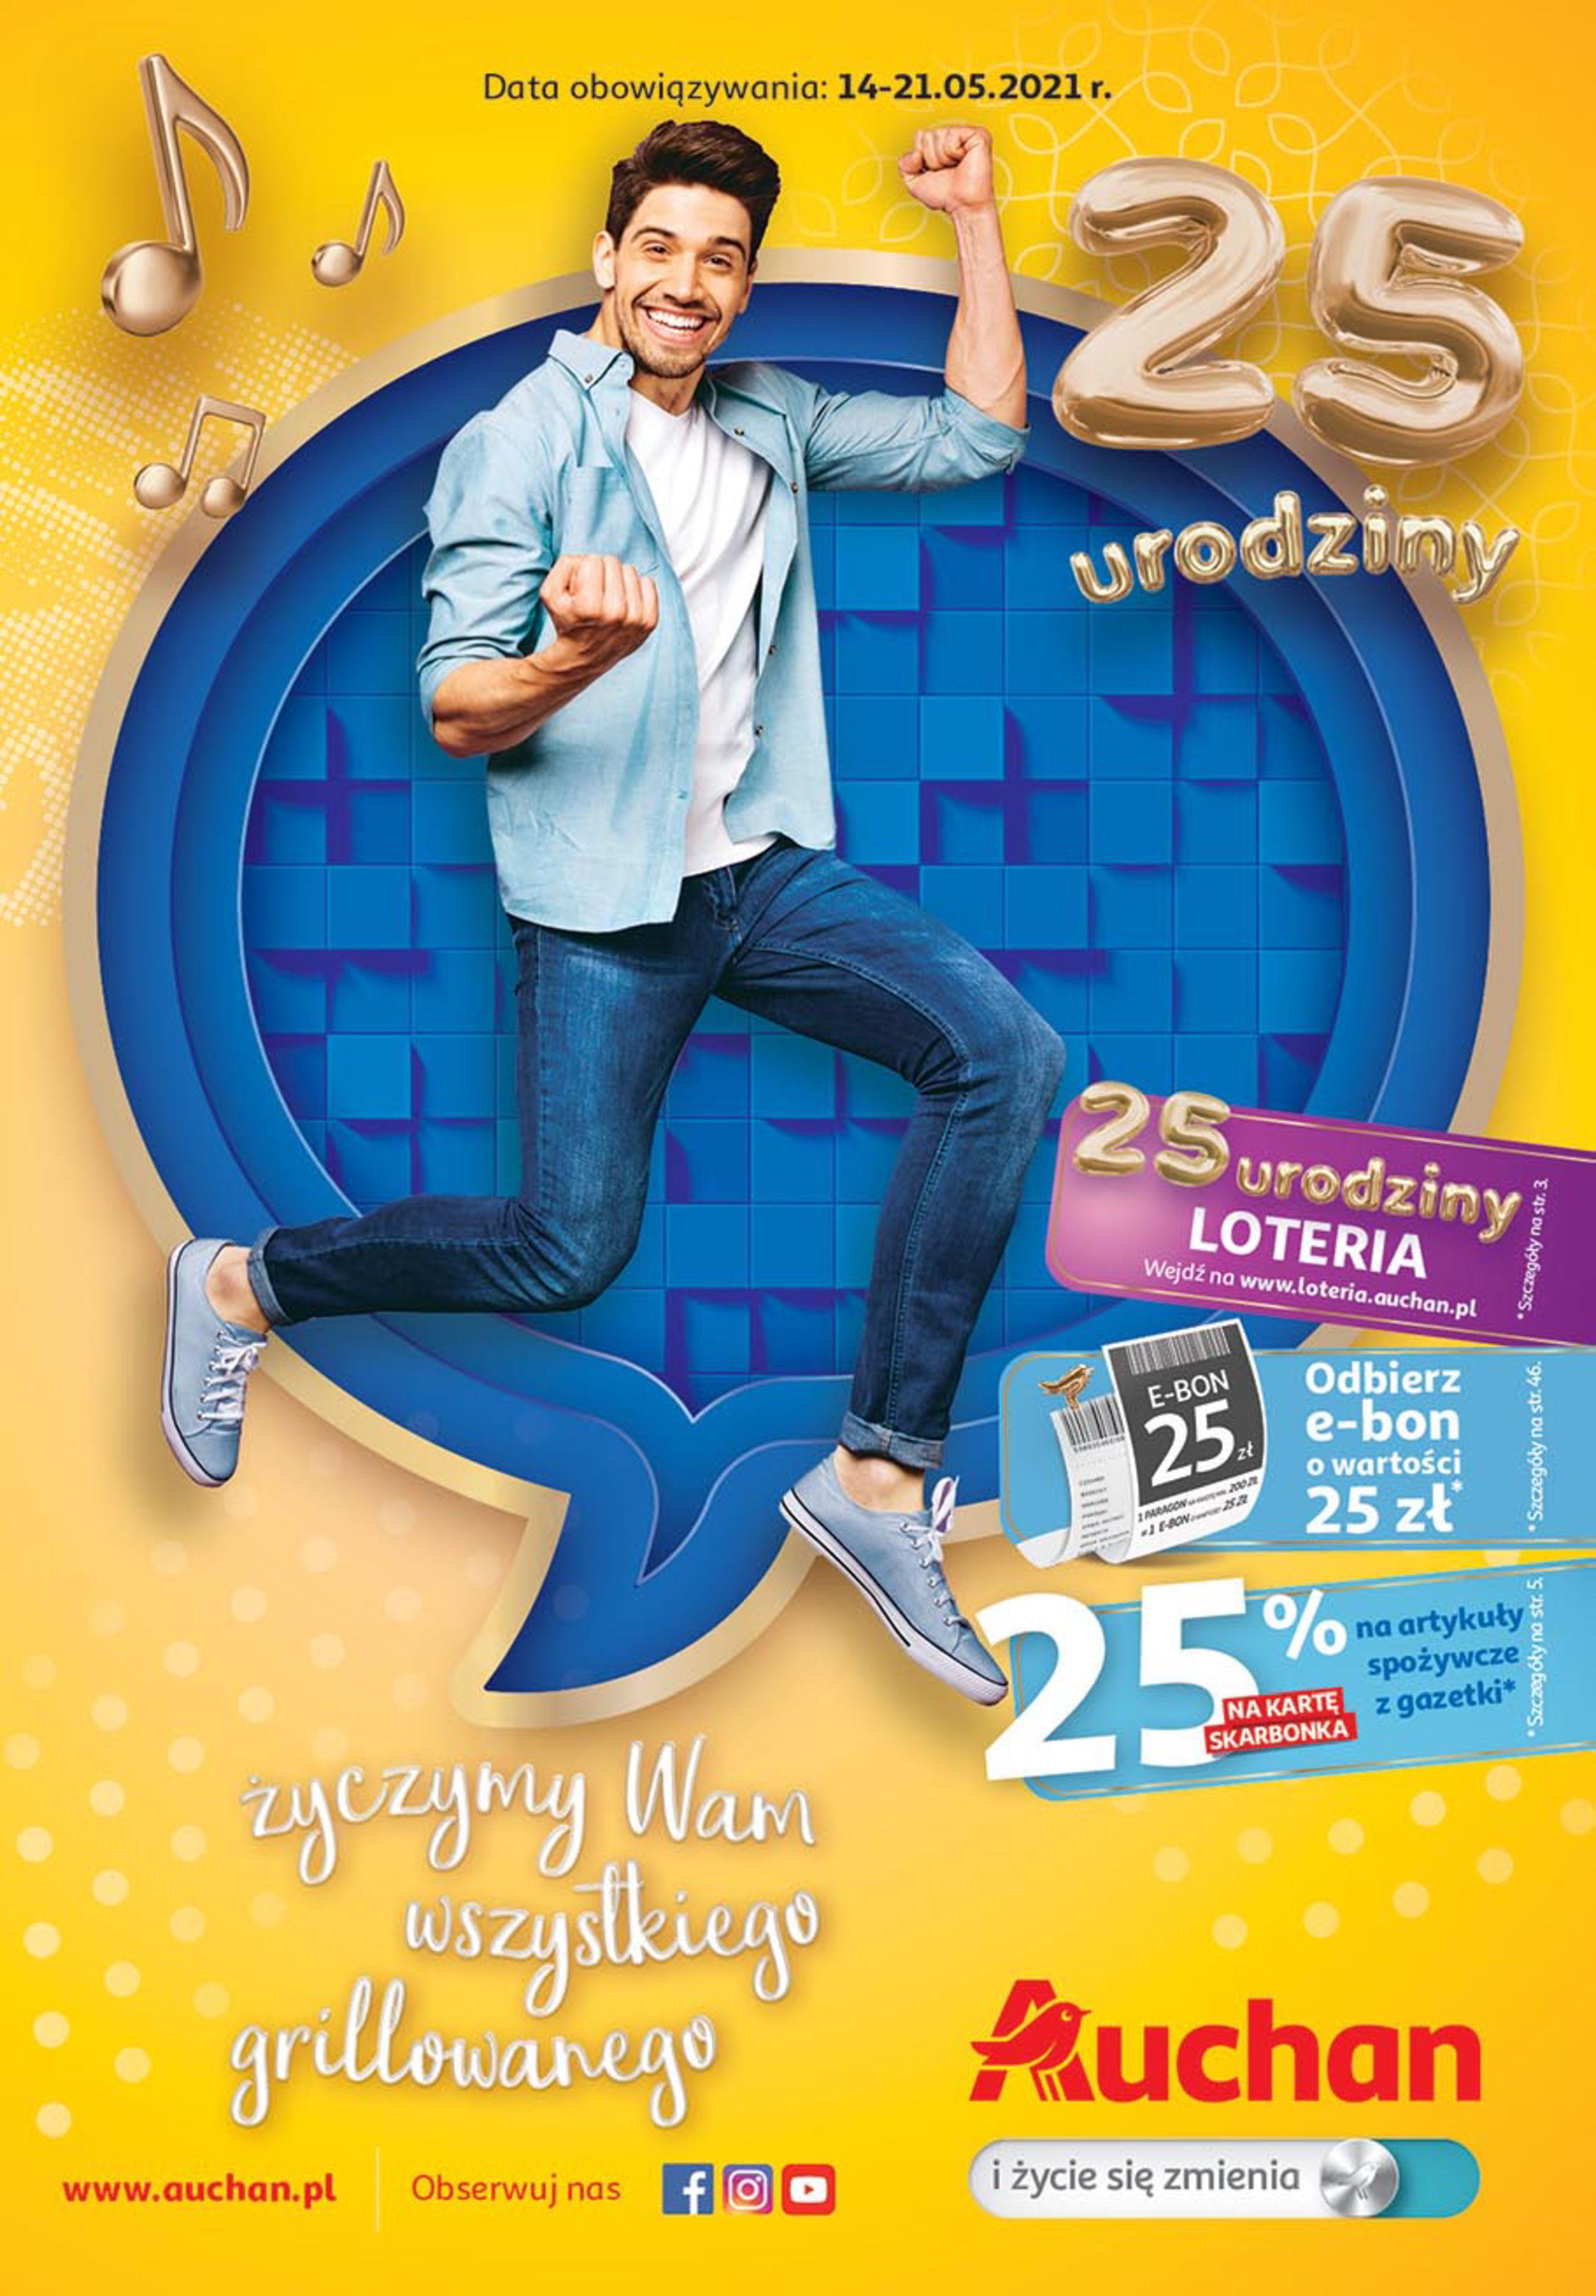 Auchan:  Gazetka Auchan - 25 Urodziny 13.05.2021